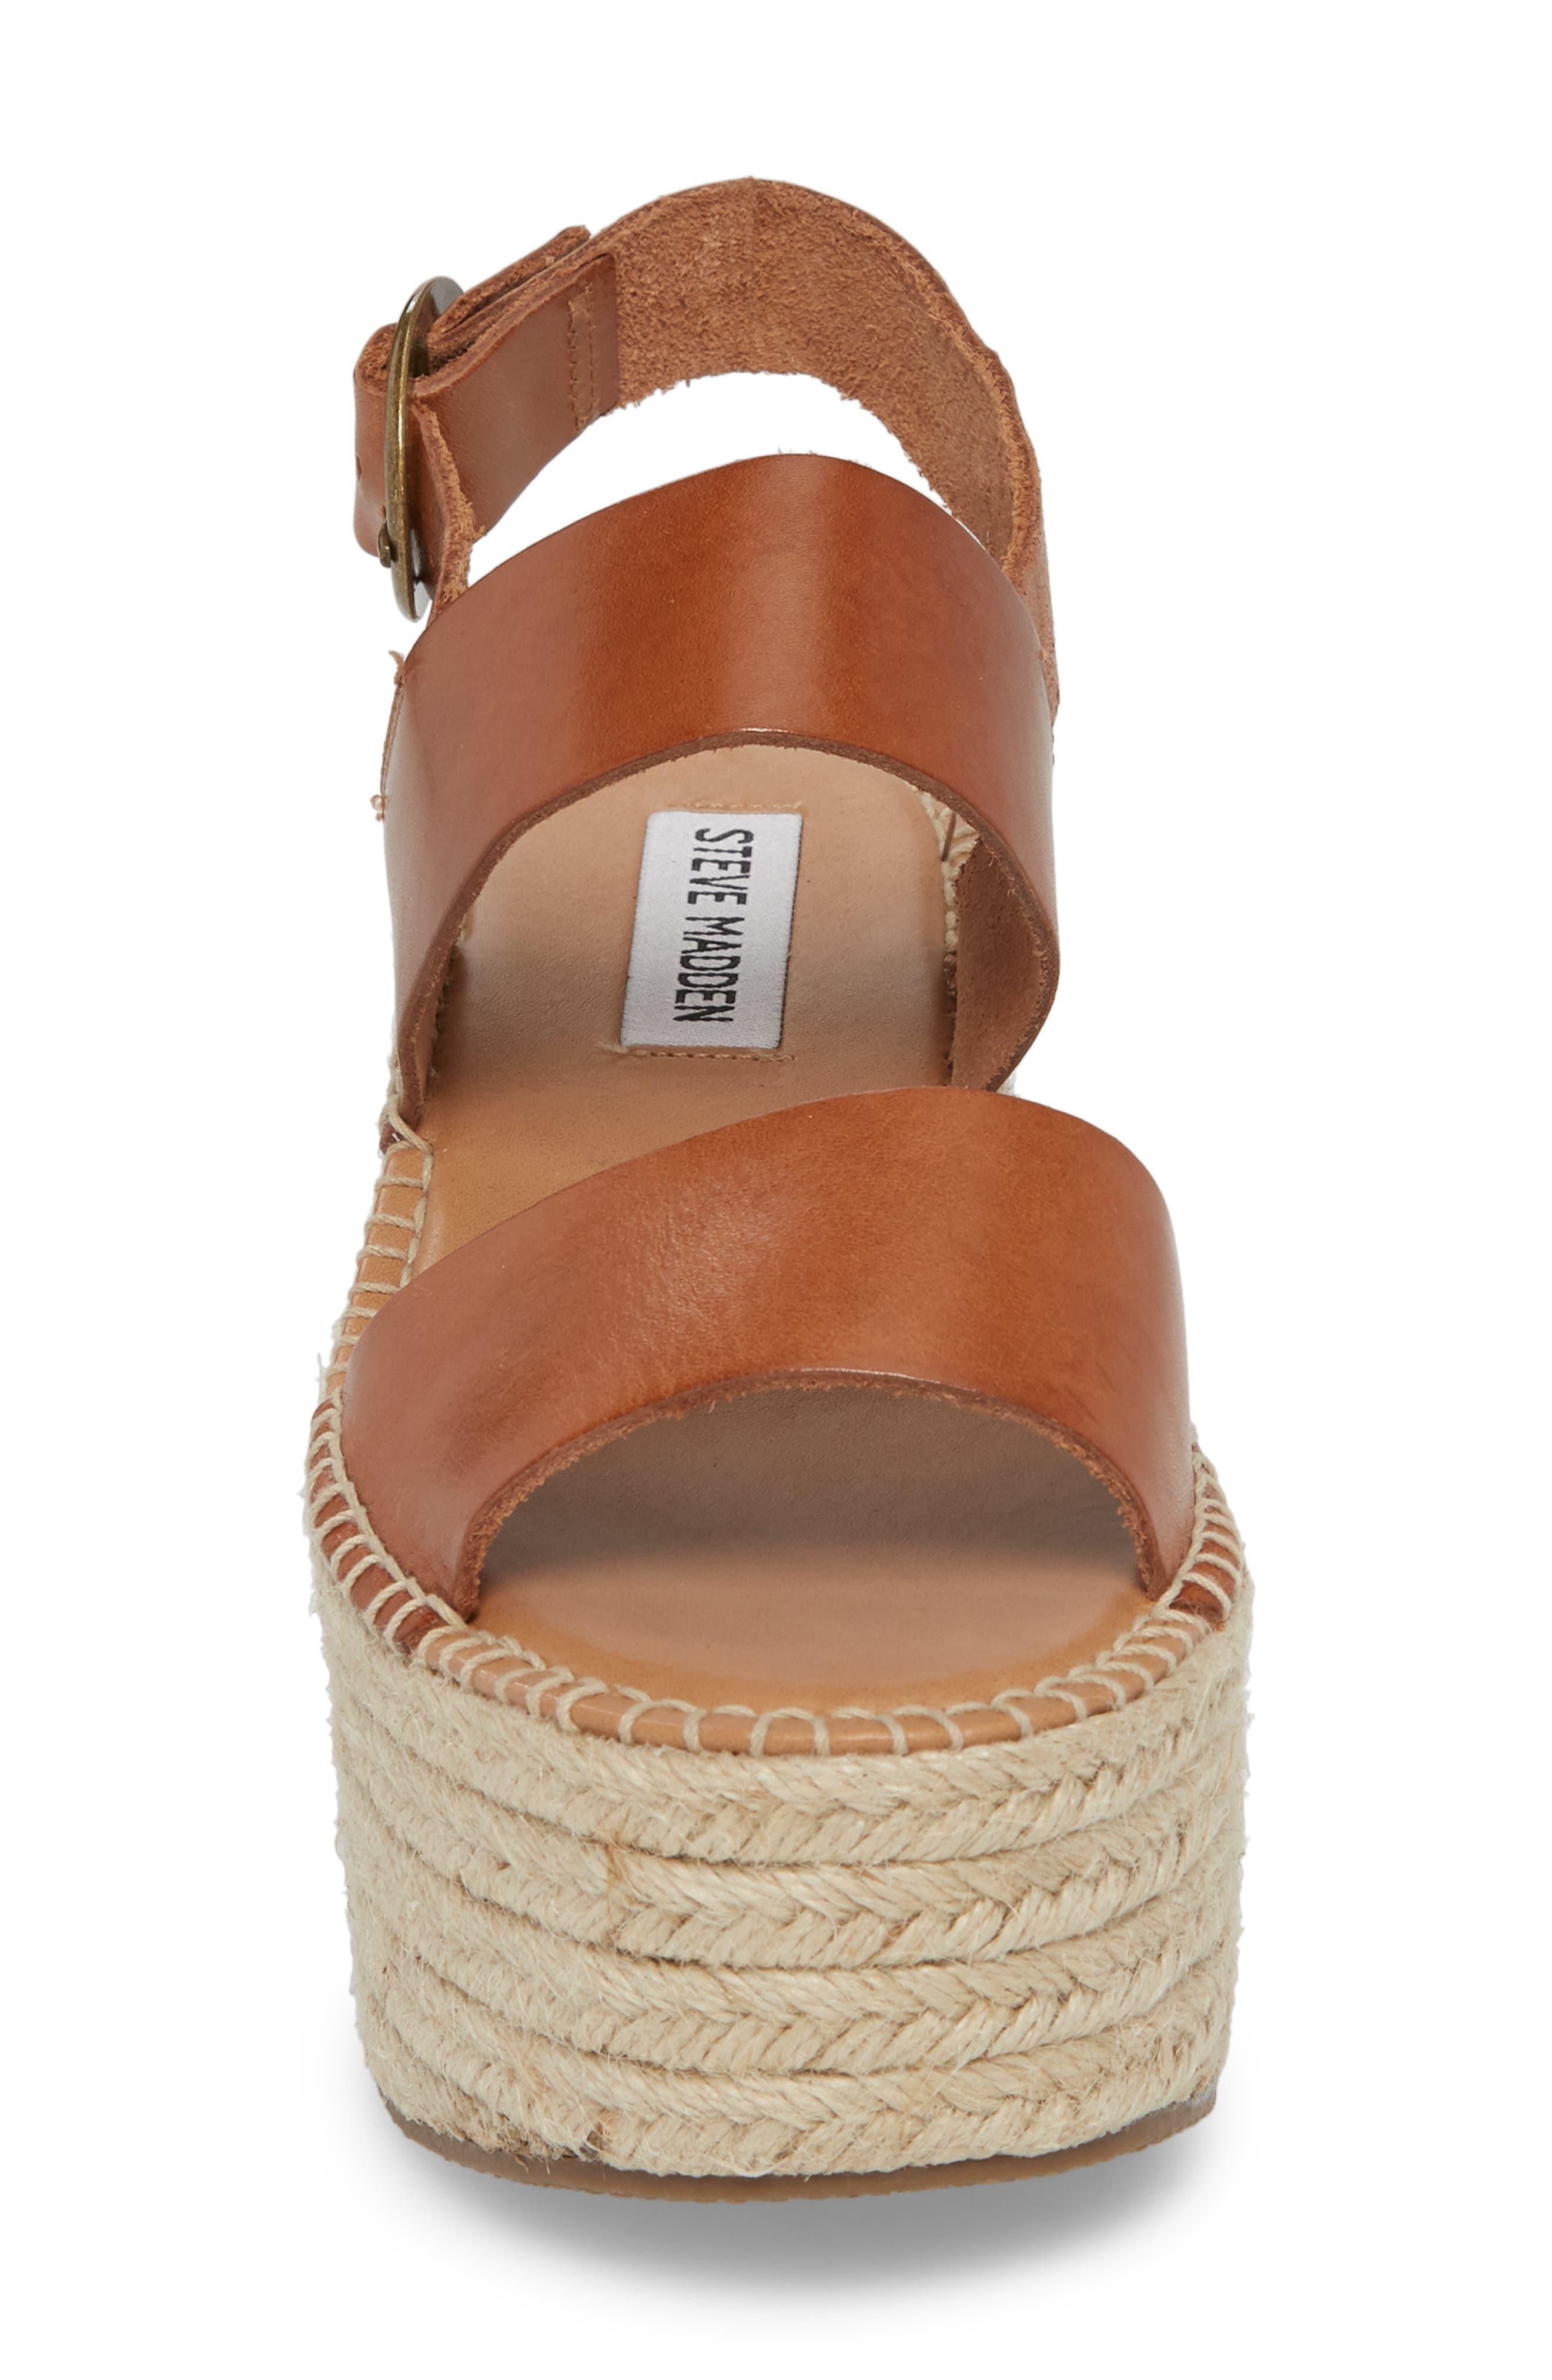 Cali Espadrille Platform Sandal,                             Alternate thumbnail 4, color,                             Cognac Leather